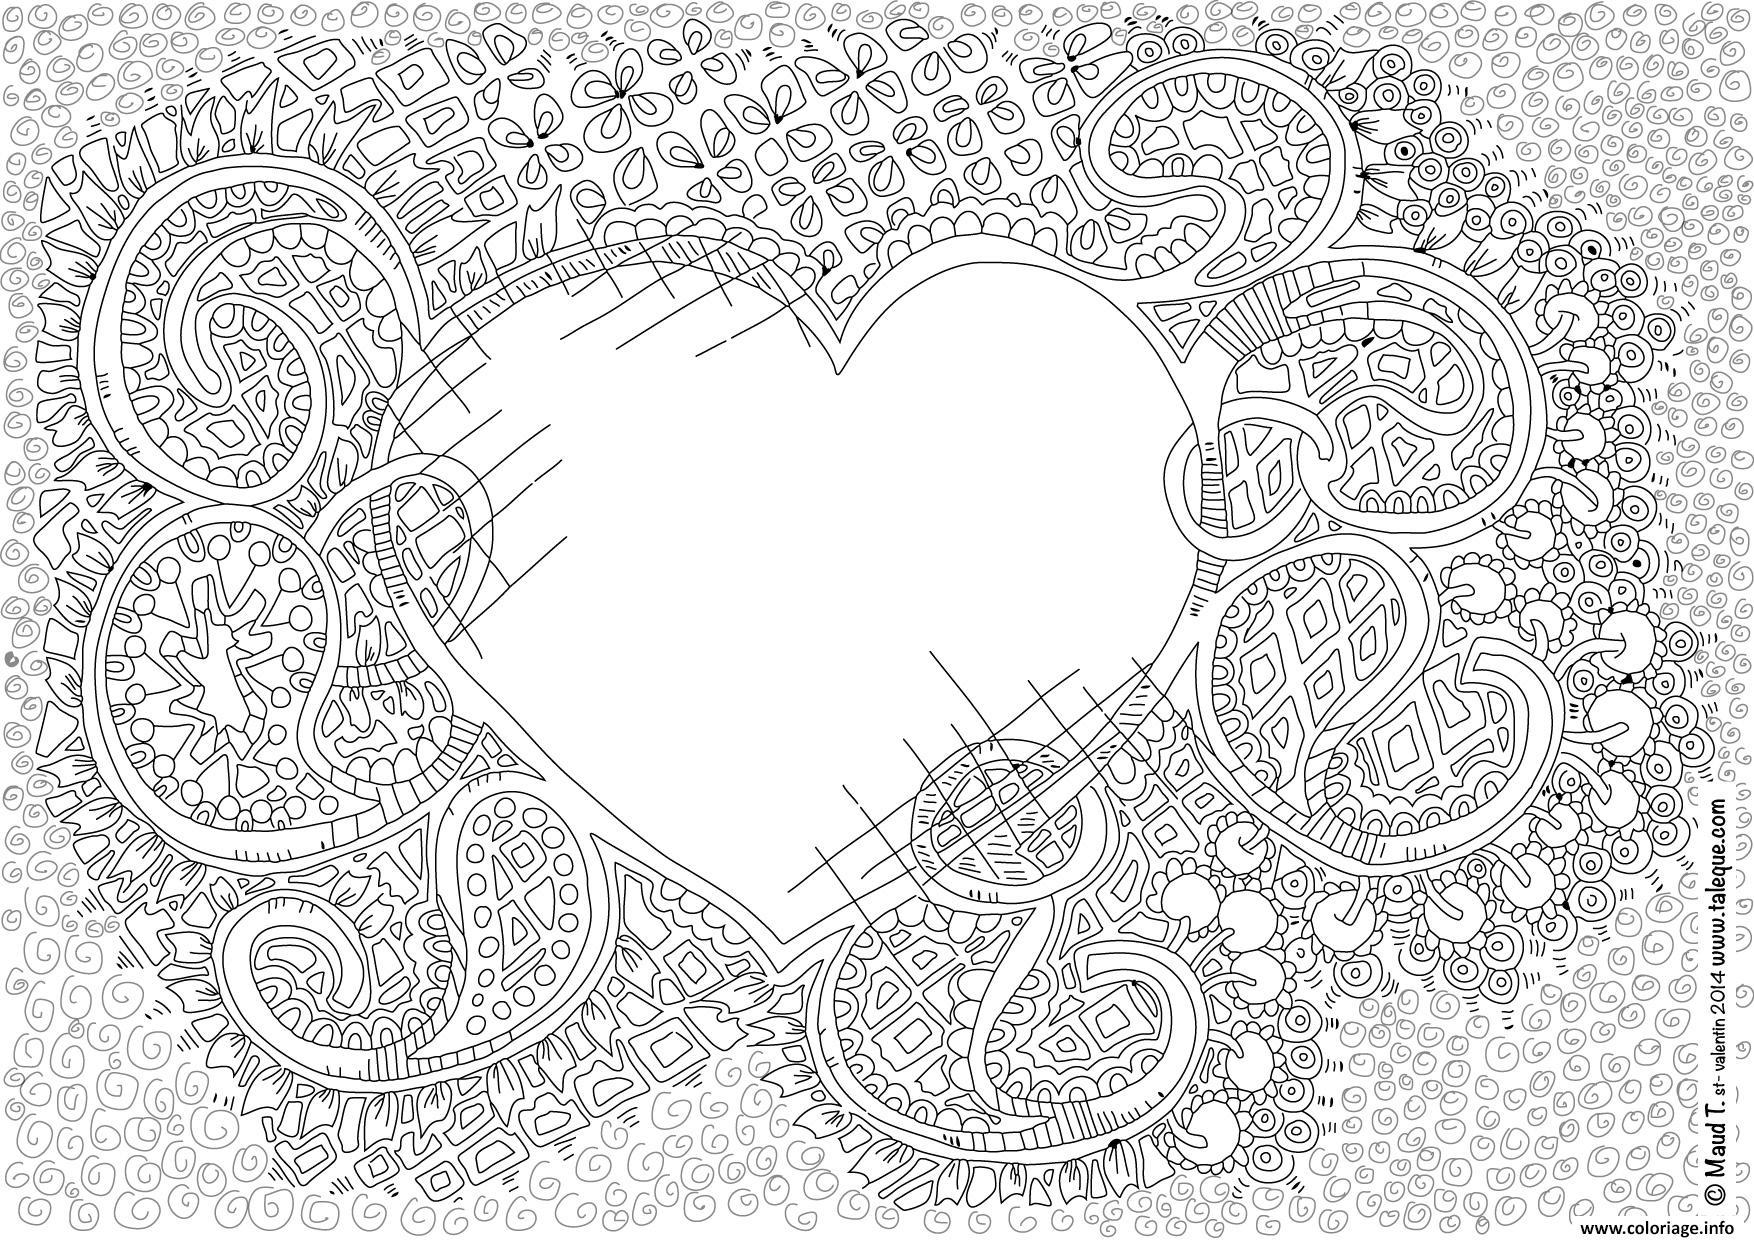 Dessin amour adulte inspiration zen Coloriage Gratuit à Imprimer